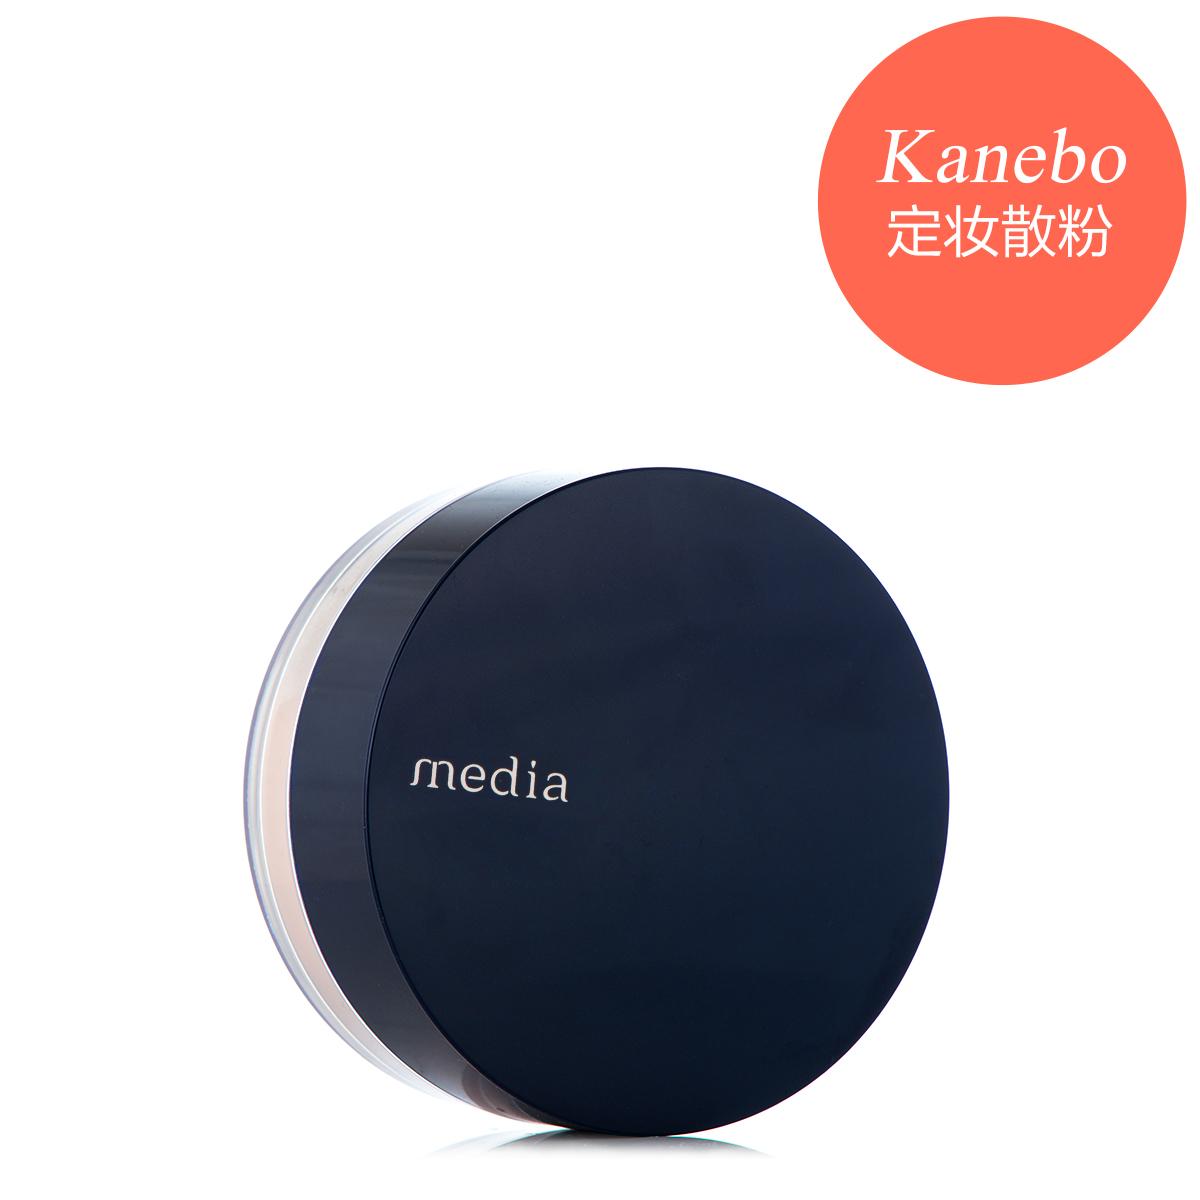 日本嘉娜宝Media媚点防晒保湿蜜粉散粉 透明色控油遮瑕定妆魅点